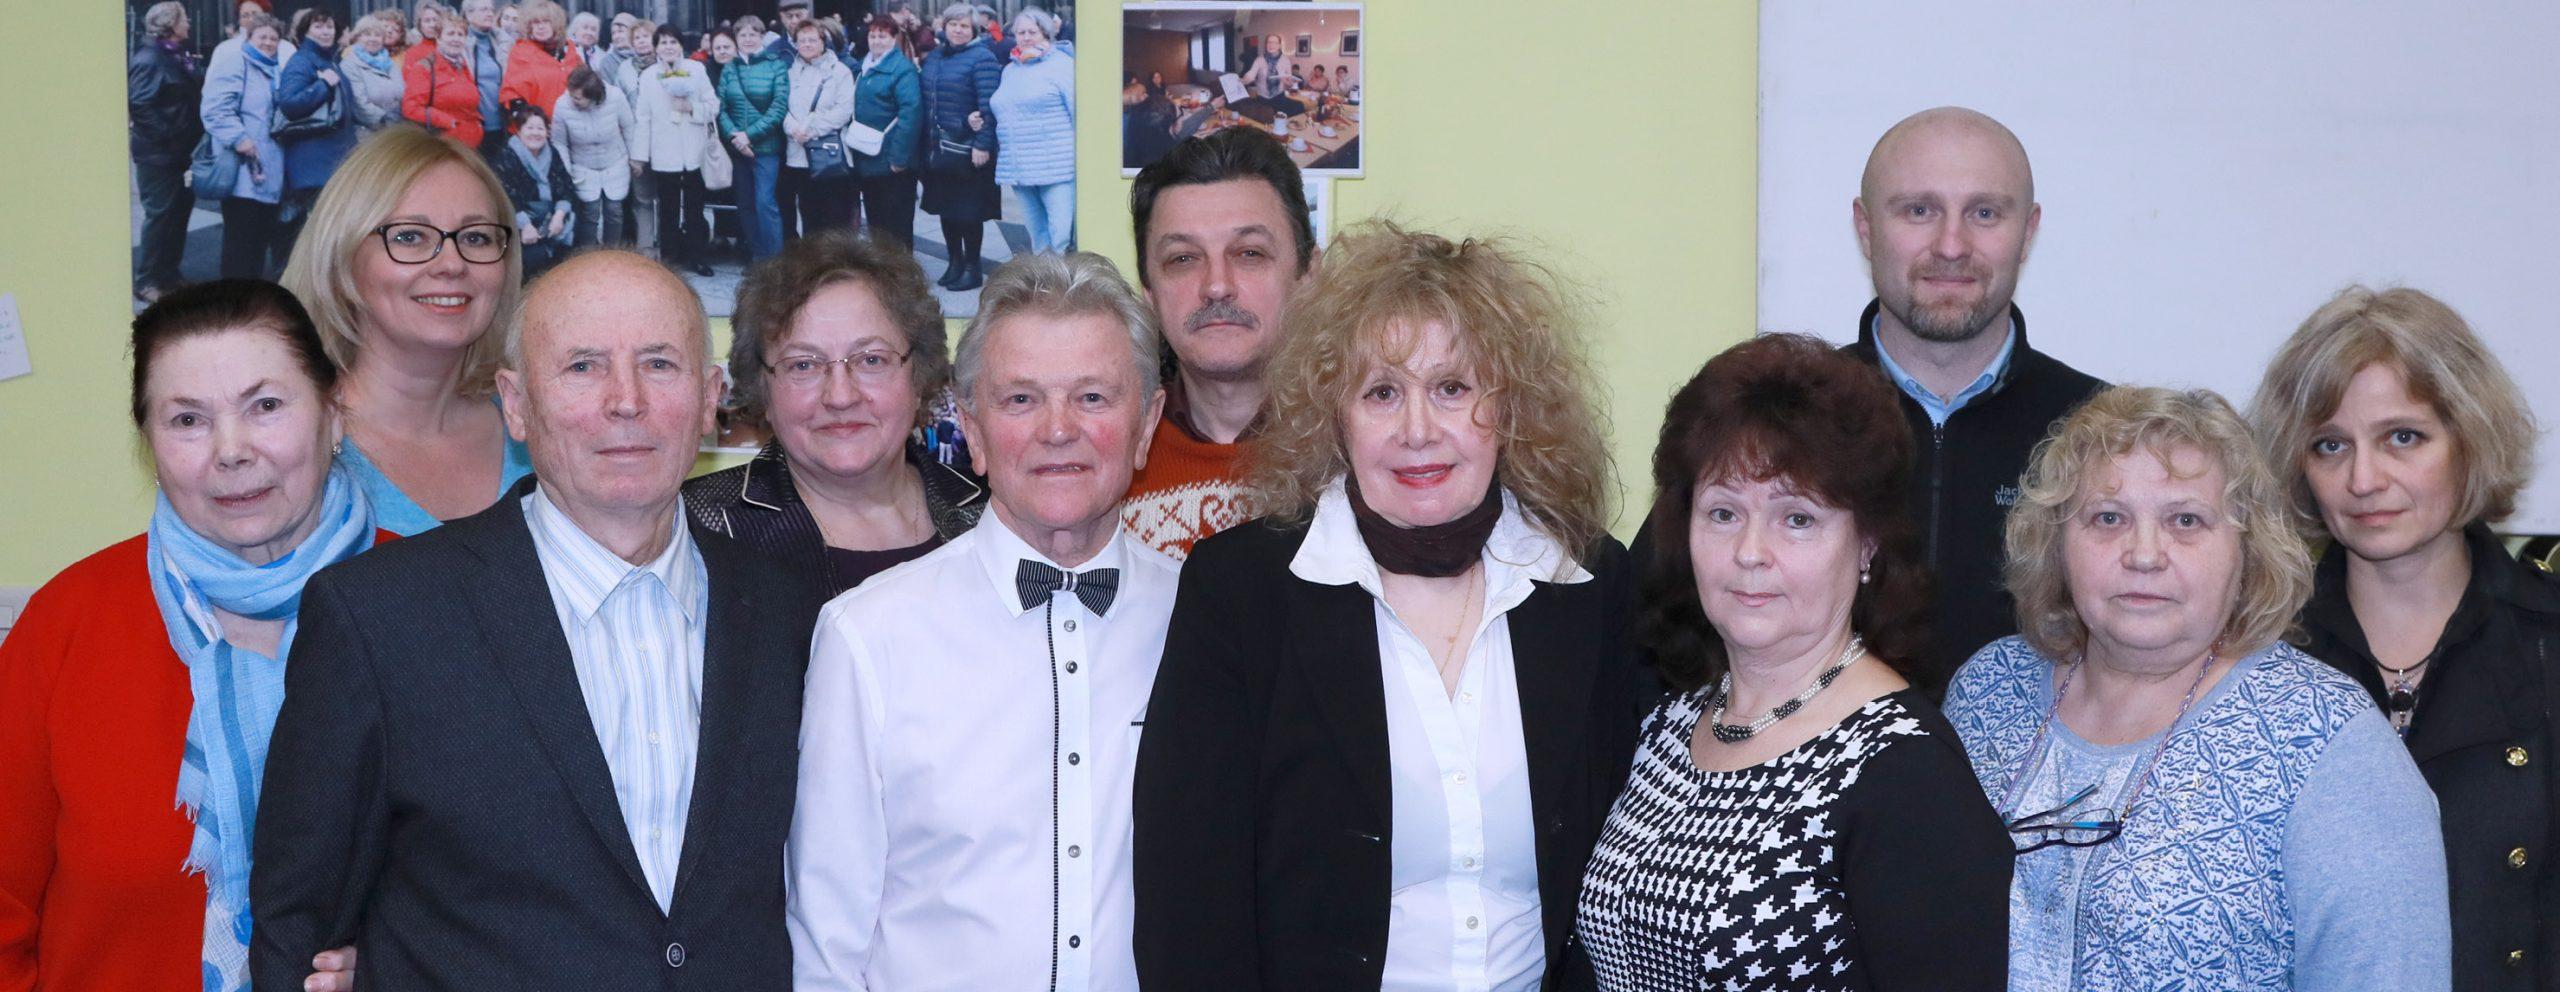 Wiederwahl des Vorstandes der Kreisgruppe Köln der LmDR e. V. NRW